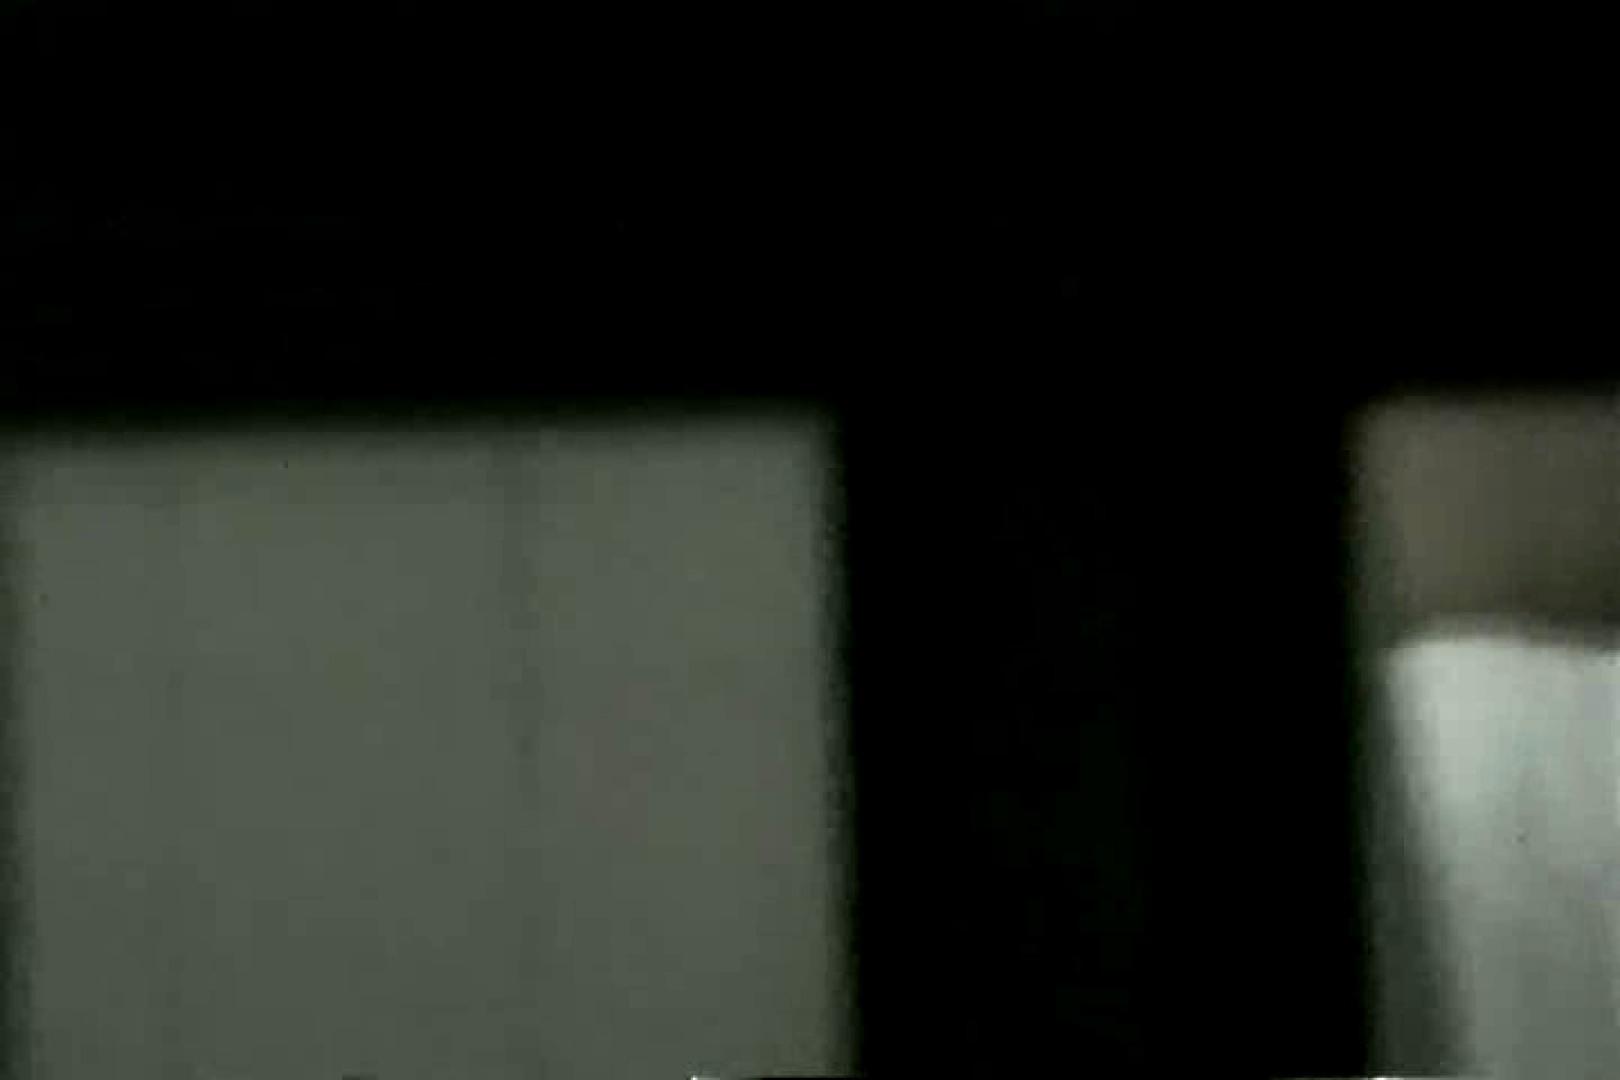 深夜の撮影会Vol.6 覗き 盗み撮り動画キャプチャ 24連発 13